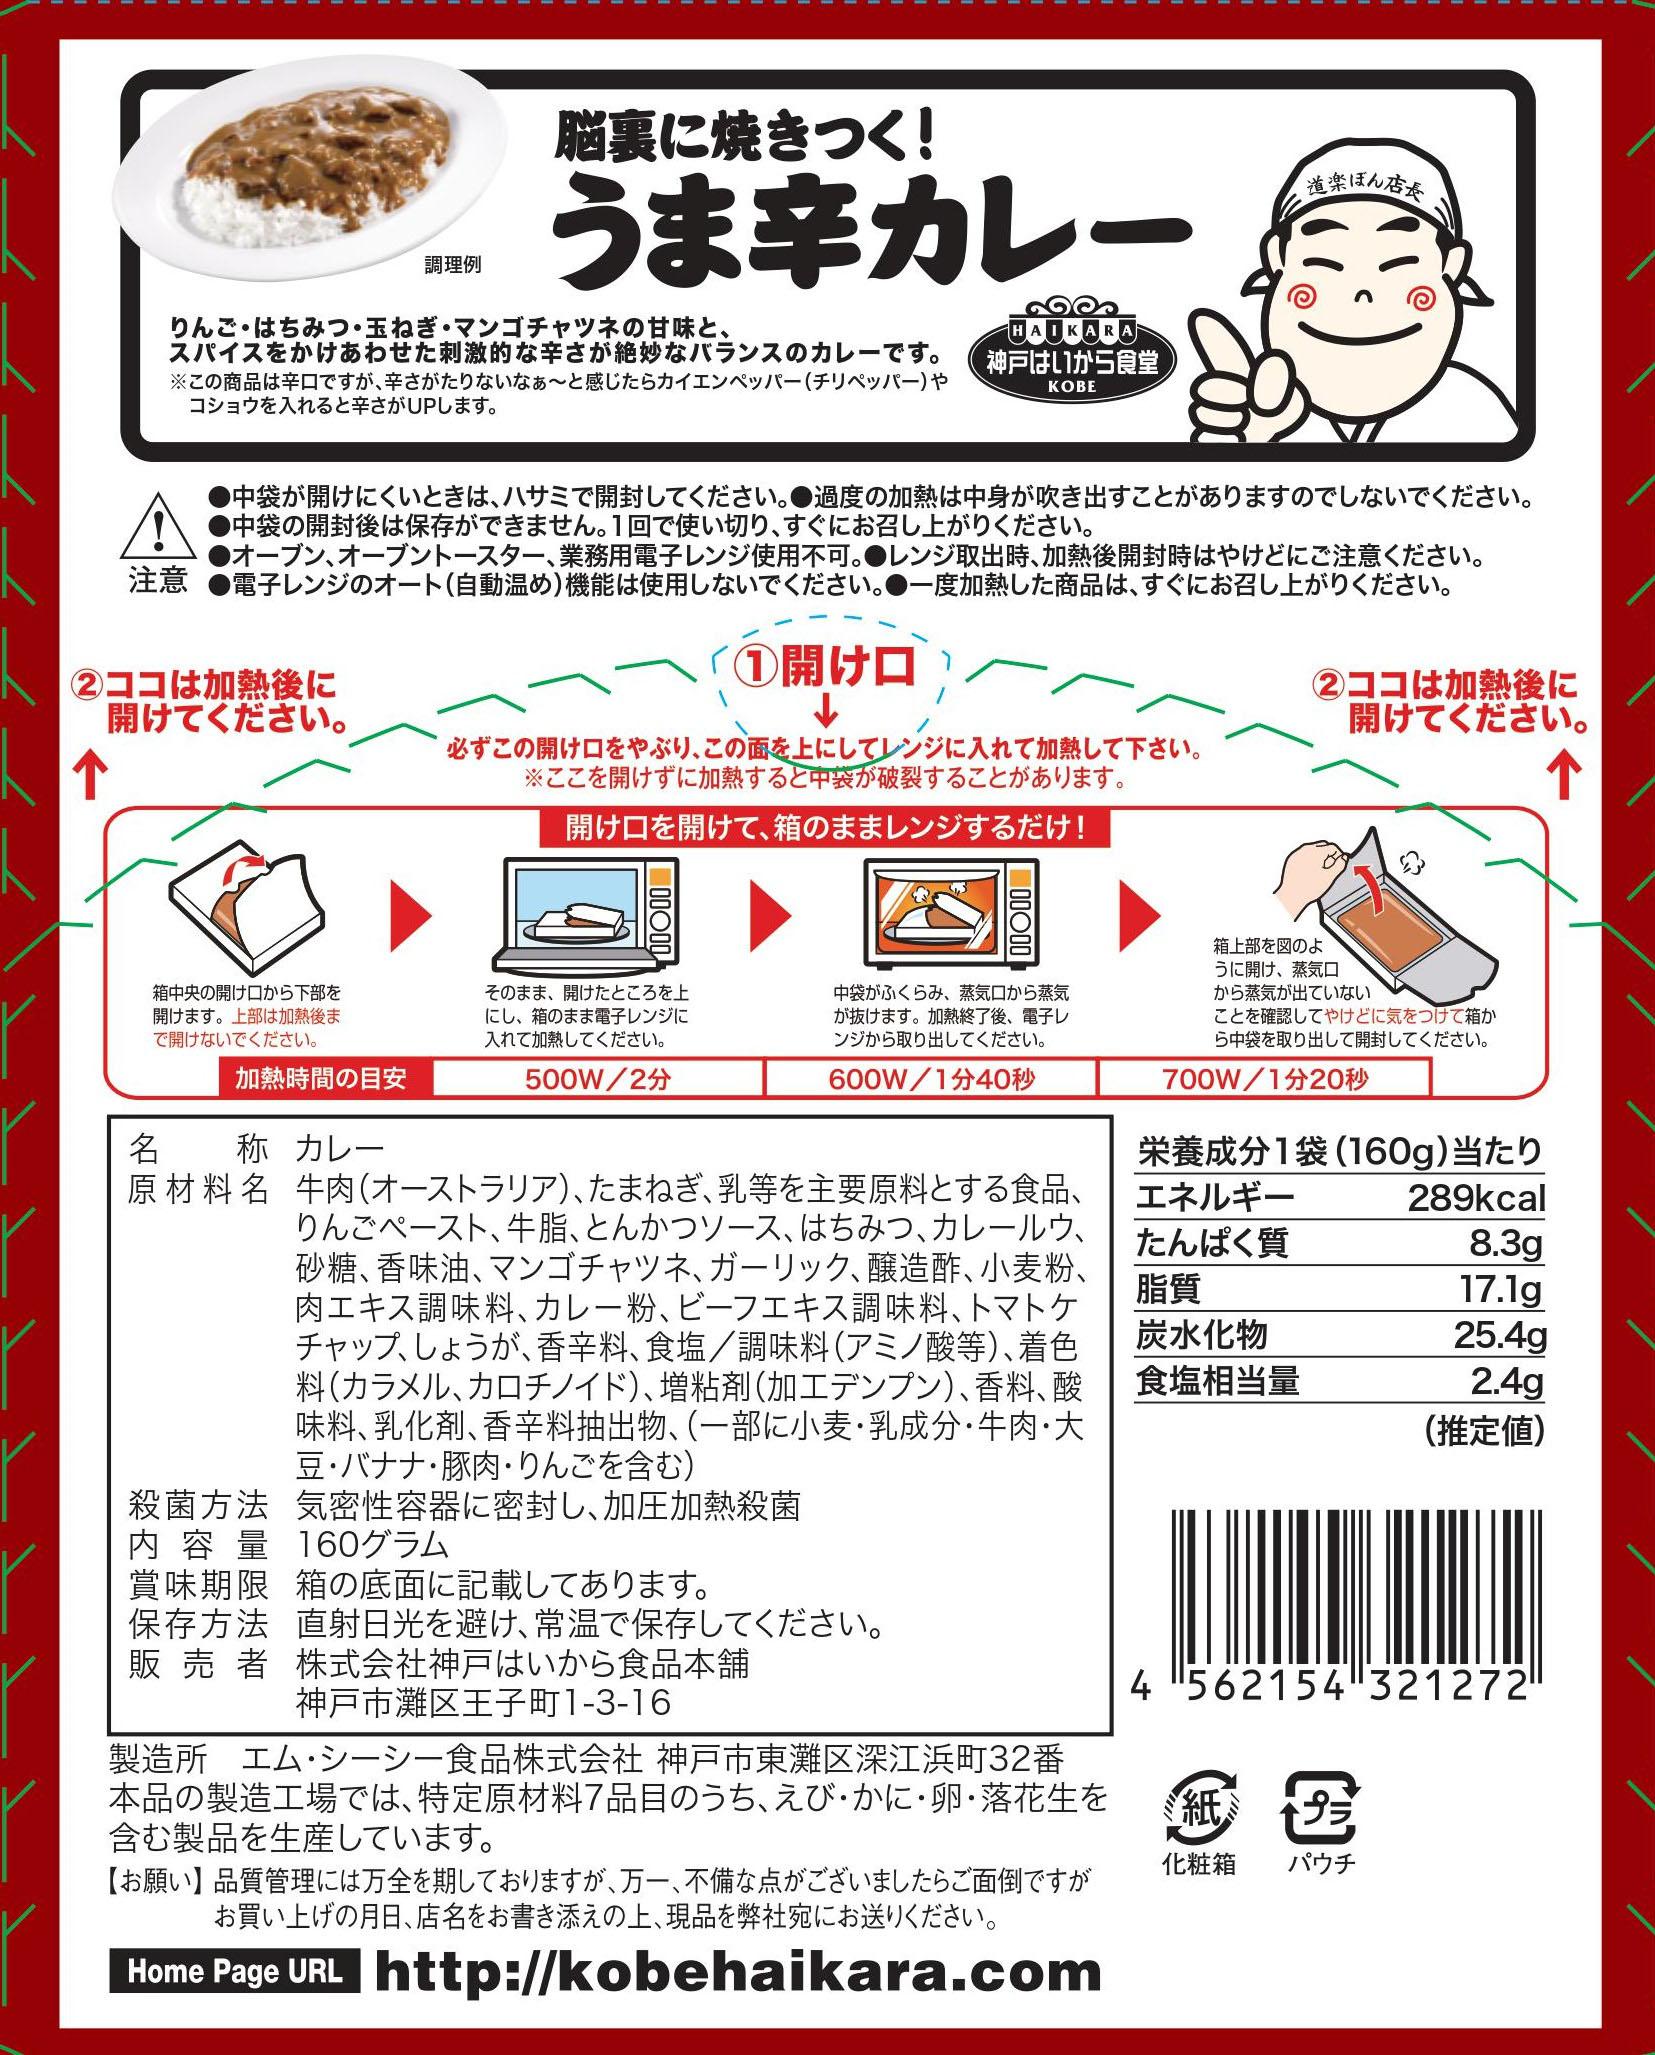 神戸はいから食堂 脳裏に焼きつく!うまからカレェー 40個セット